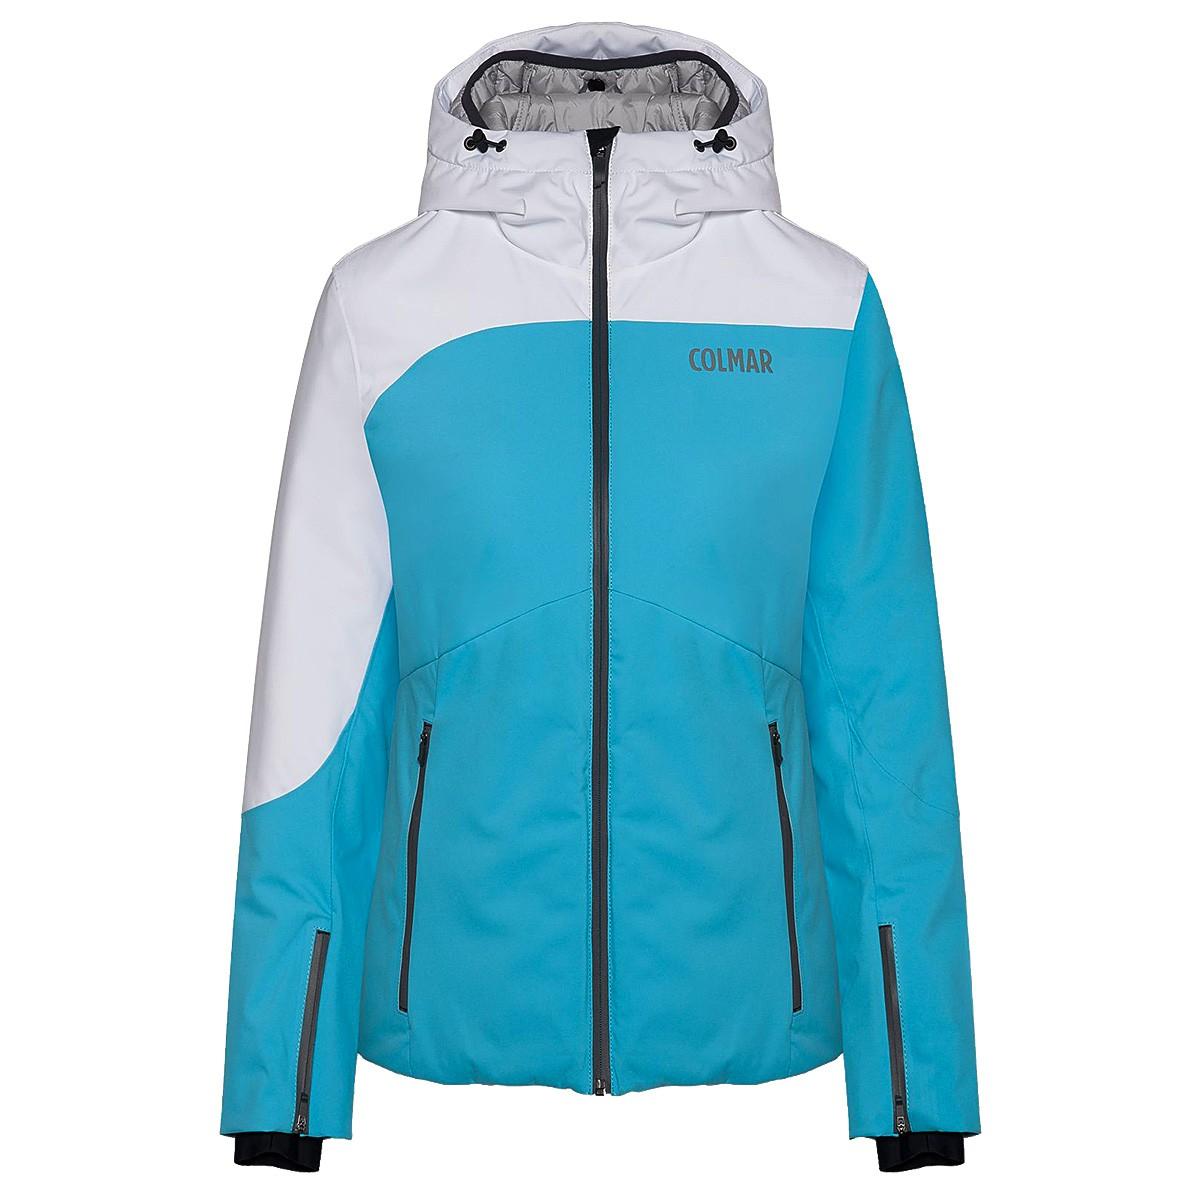 low priced 79056 9c07d Giacca sci Colmar Aspen Donna - Abbigliamento sci